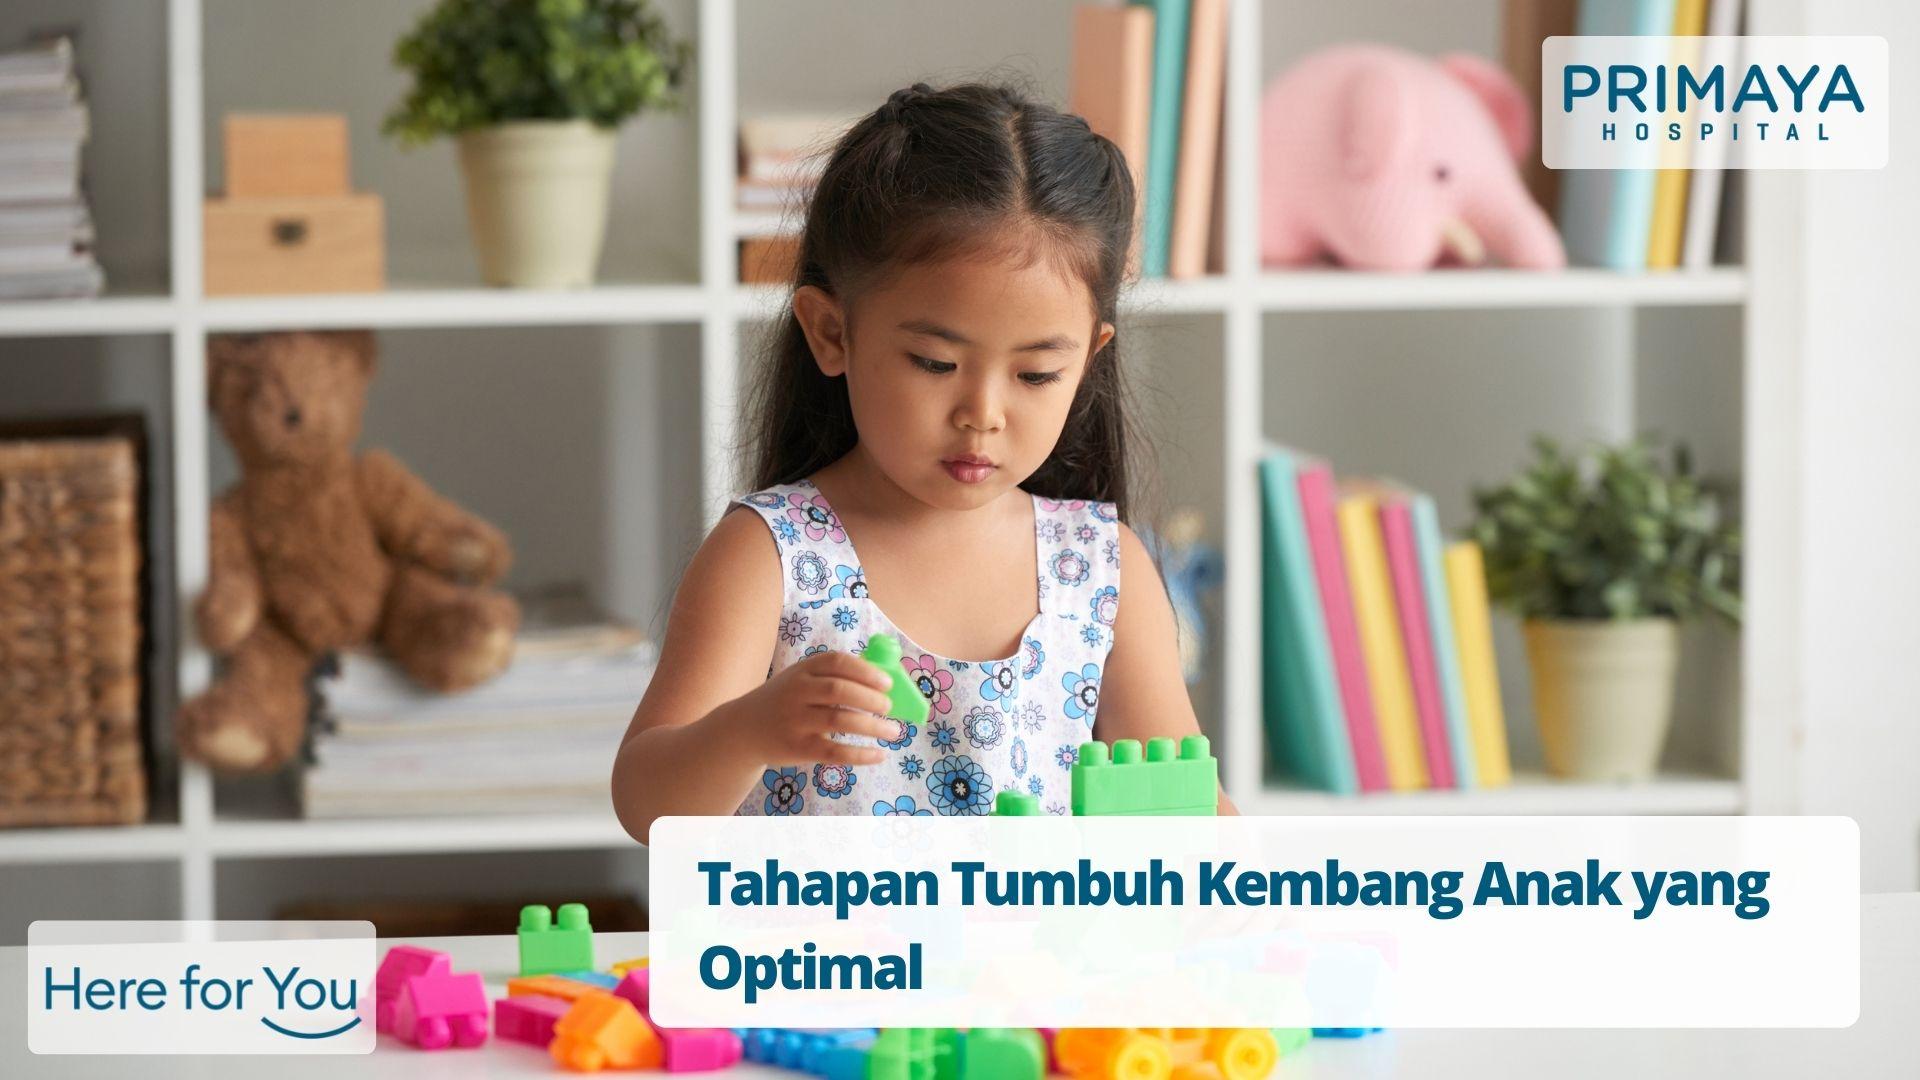 Tahapan Tumbuh Kembang Anak yang Optimal